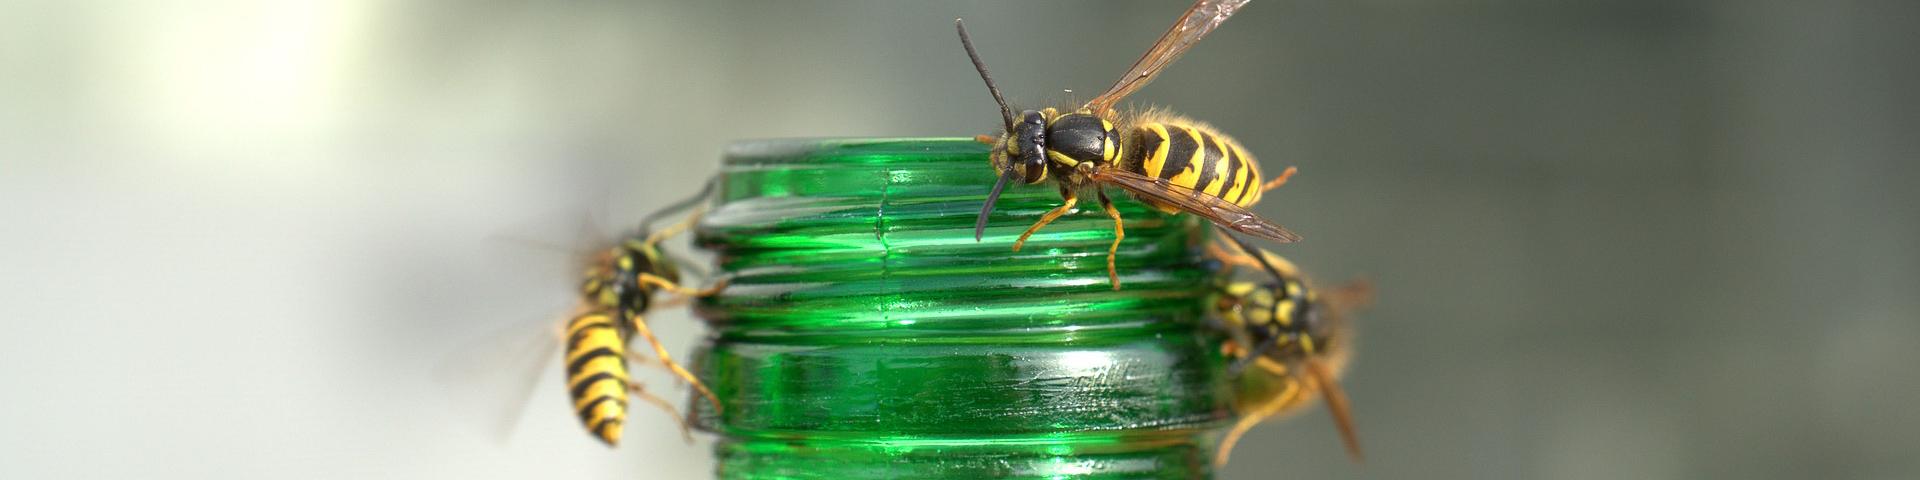 Wespen an einer offenen Flasche